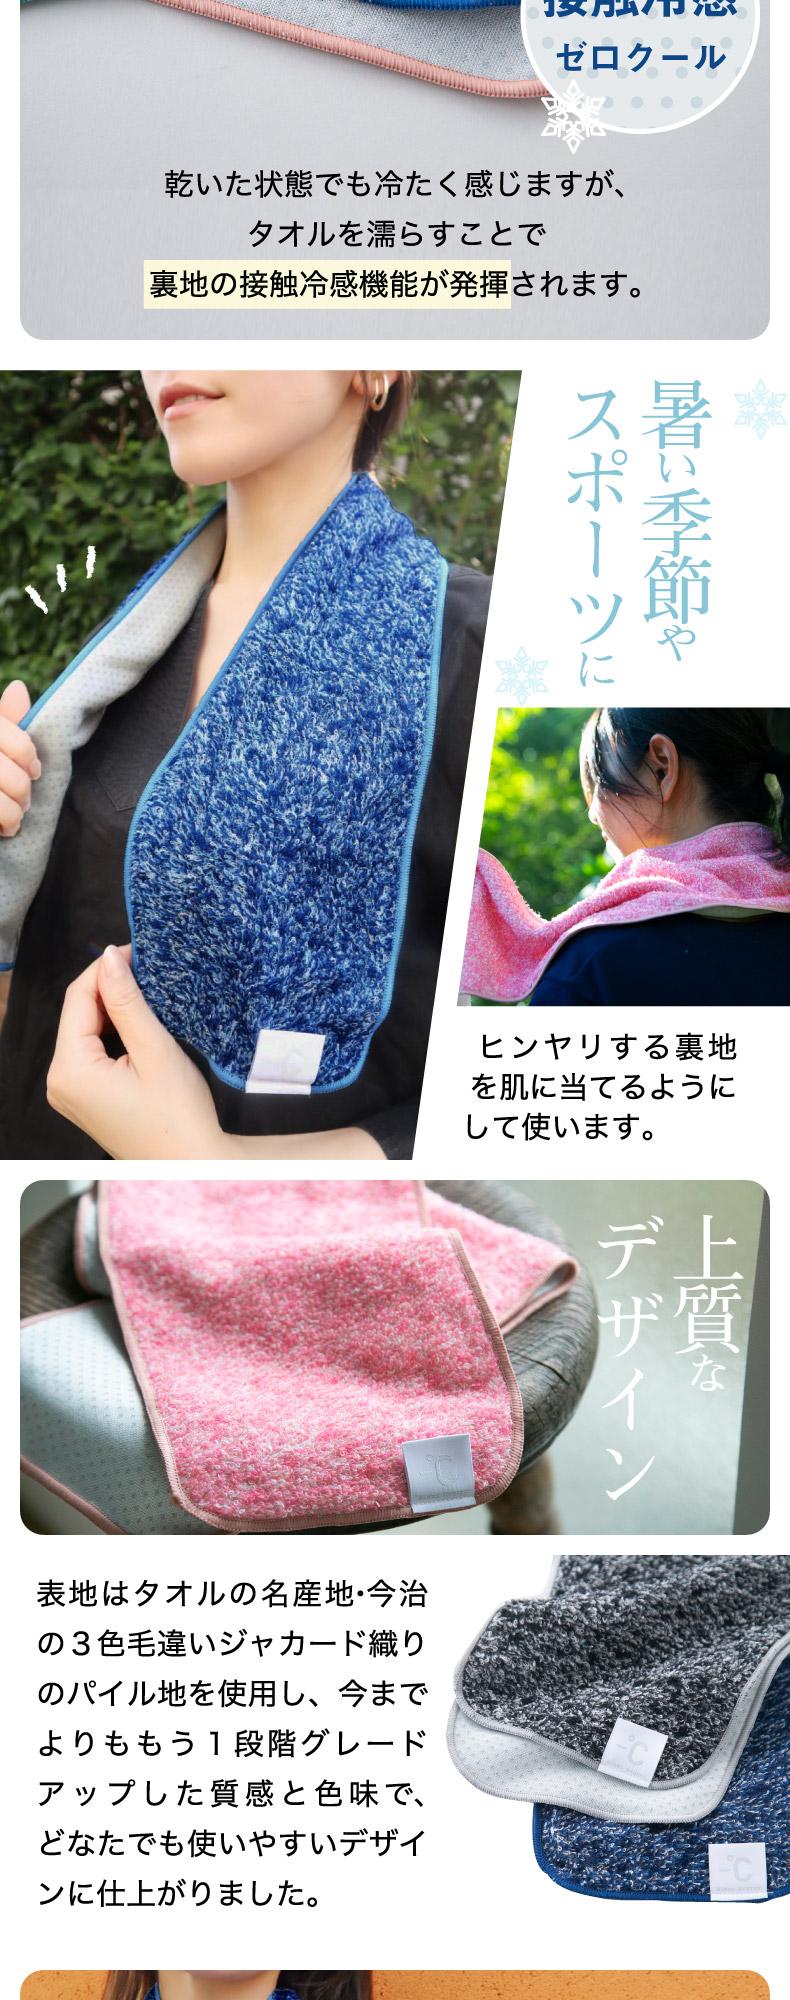 Minus Degree prime Sports アイスタオル 冷感タオル 日本製 スポーツタオル 接触冷感 ジャカード 熱中症対策 ひんやり